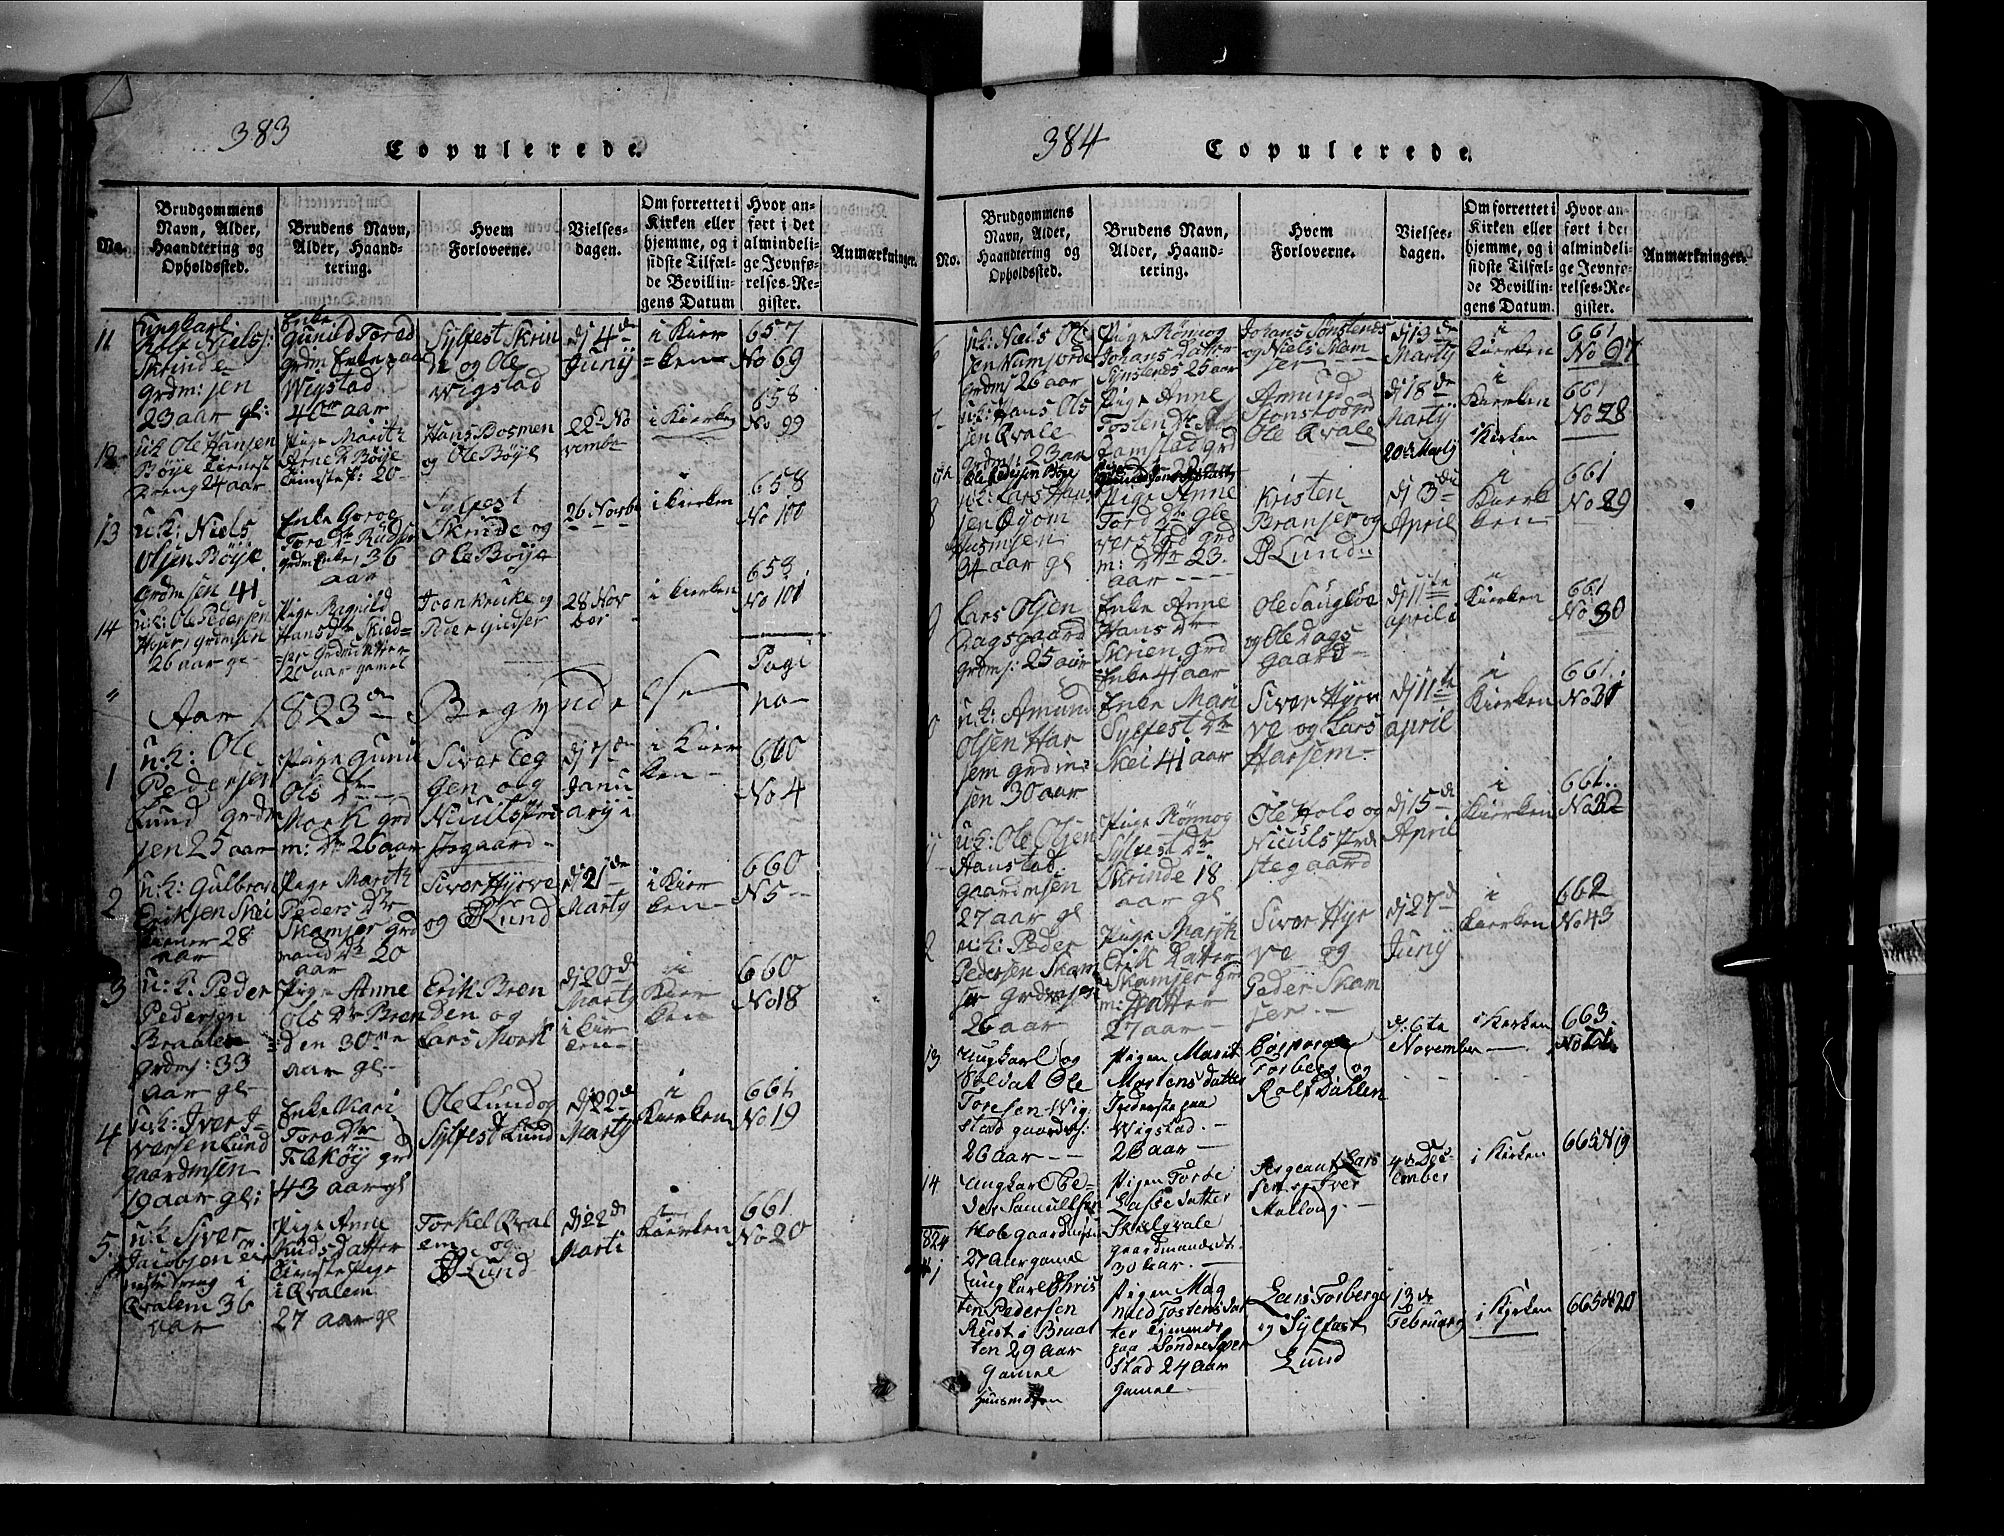 SAH, Lom prestekontor, L/L0003: Klokkerbok nr. 3, 1815-1844, s. 383-384